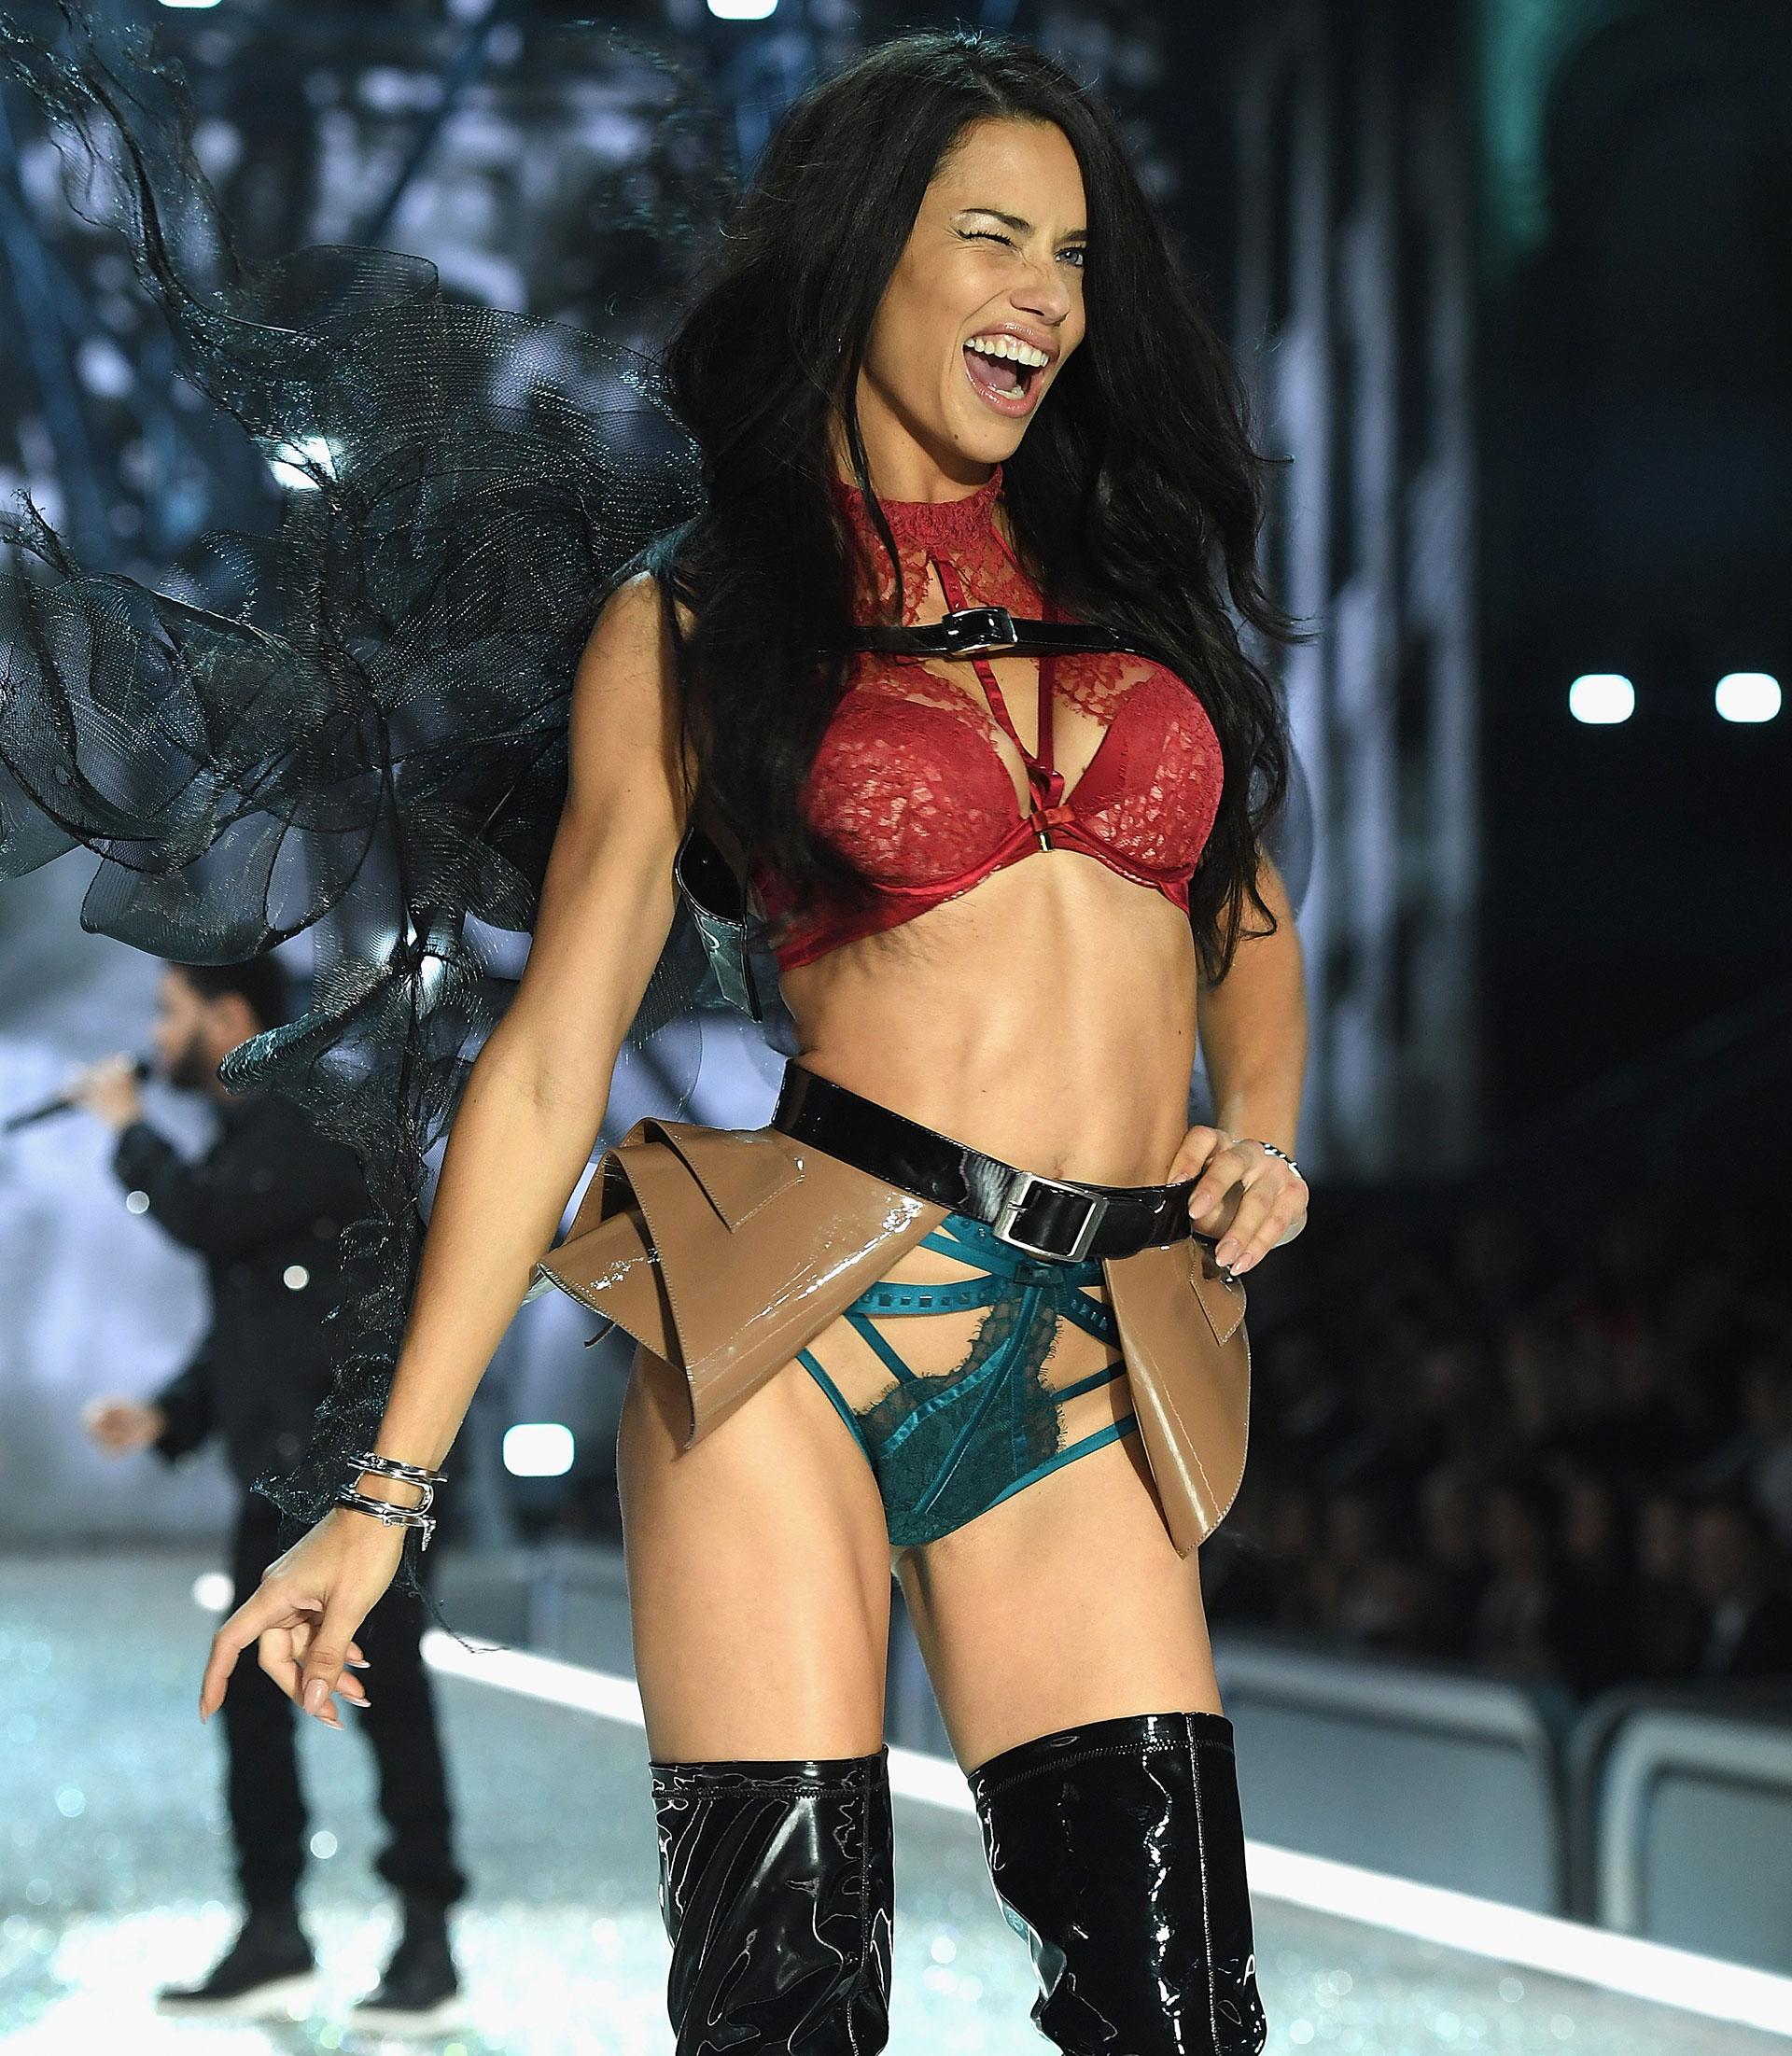 La top model de Victoria's Secret participó de 19 ediciones del mítico desfile de la marca de lencería estadounidense